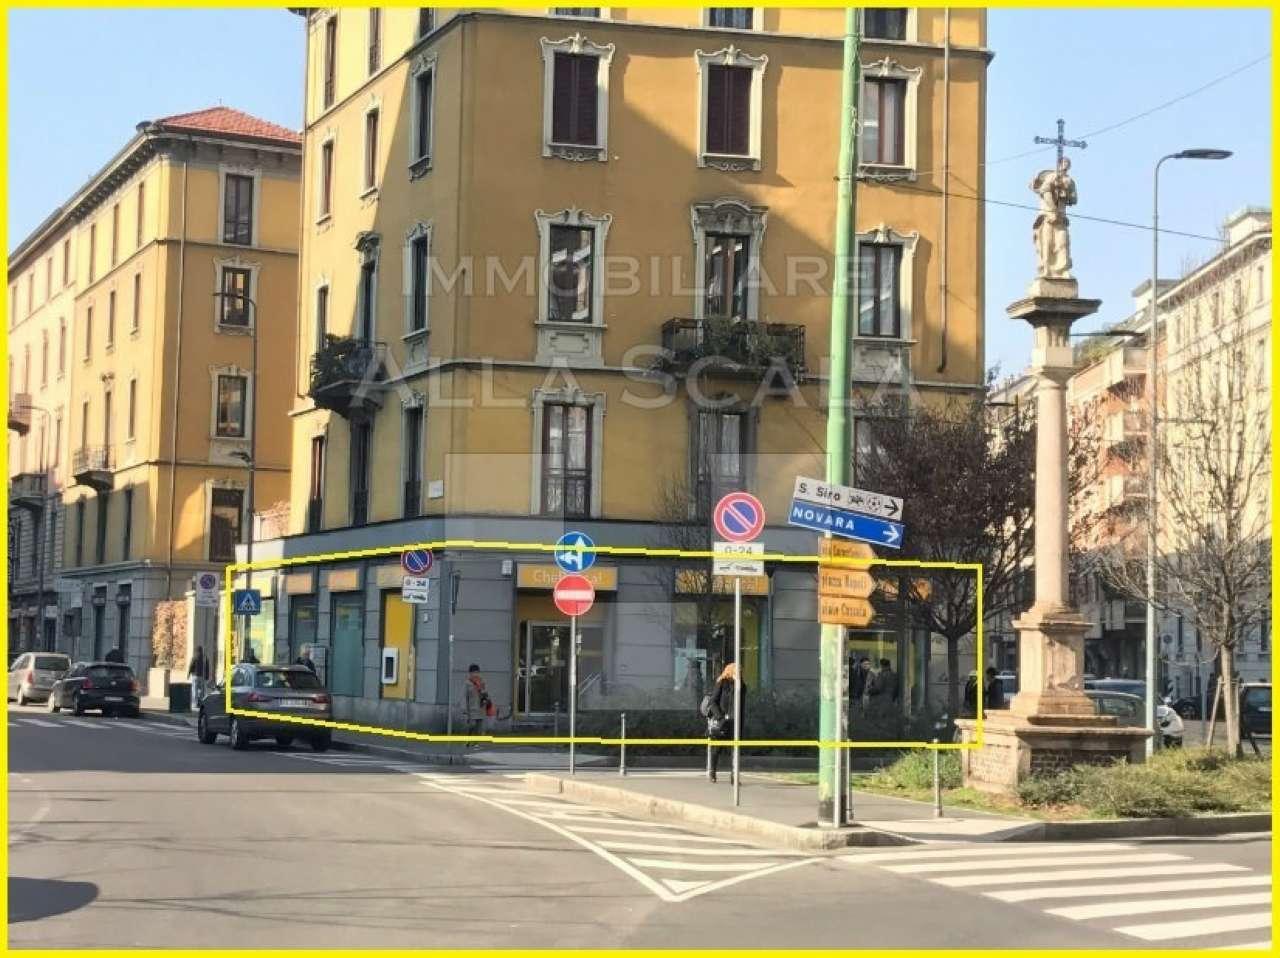 Negozio-locale in Affitto a Milano 08 Vercelli / Magenta / Cadorna / Washington:  5 locali, 320 mq  - Foto 1